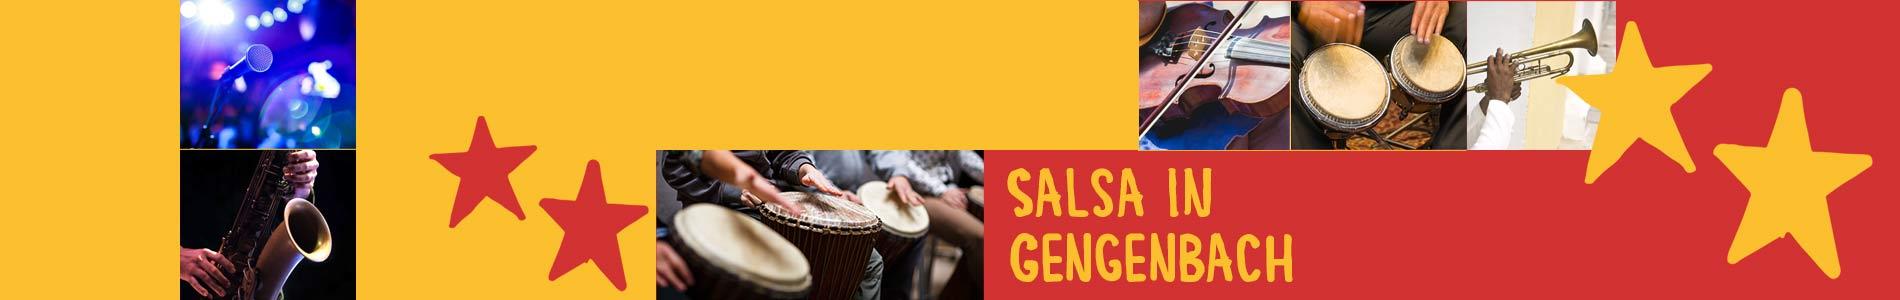 Salsa in Gengenbach – Salsa lernen und tanzen, Tanzkurse, Partys, Veranstaltungen